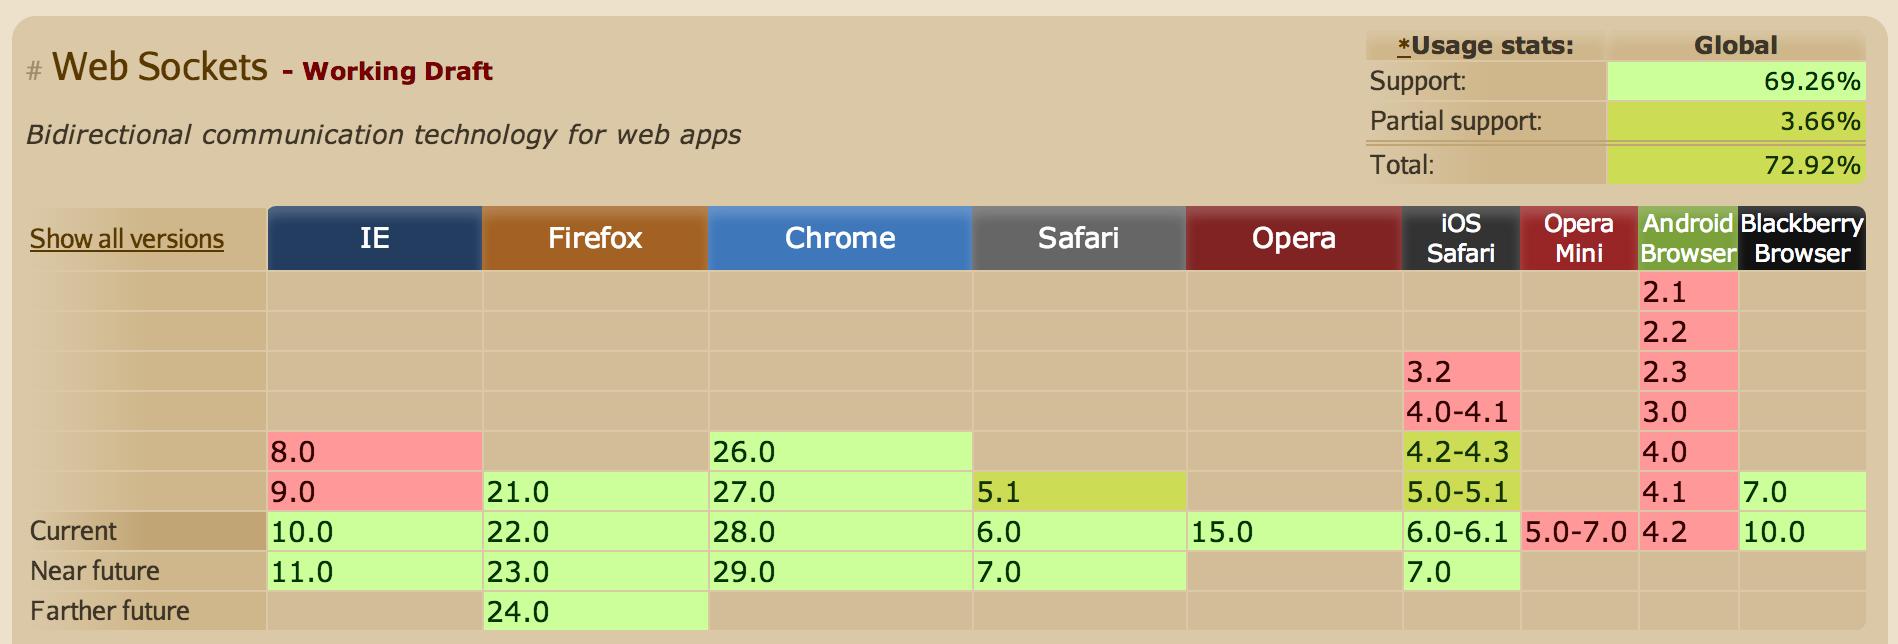 WebSocket browser support